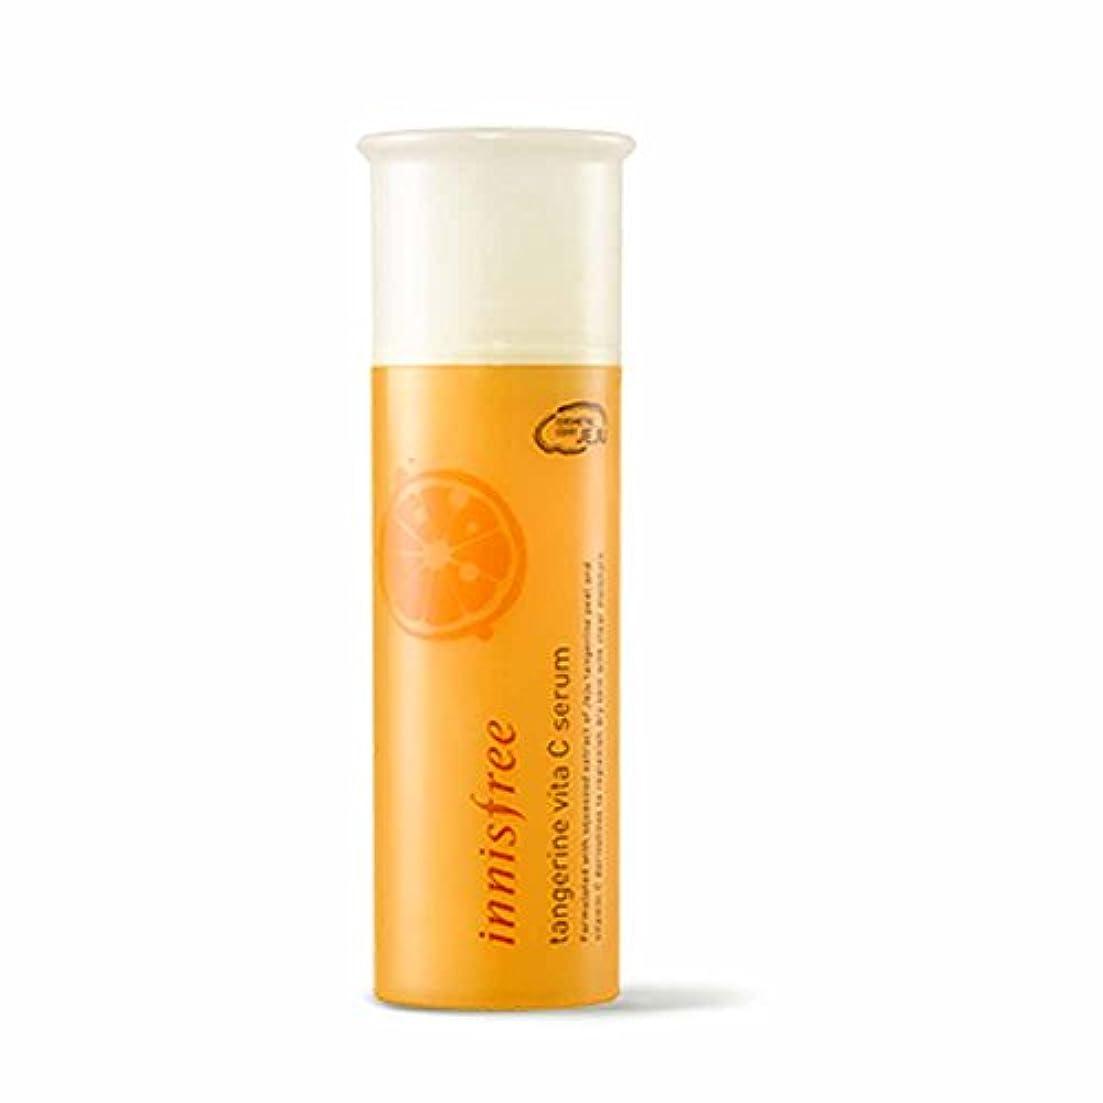 平衡に渡って倉庫イニスフリータンジェリンビタCセラム50ml Innisfree Tangerine Vita C Serum 50ml [海外直送品][並行輸入品]